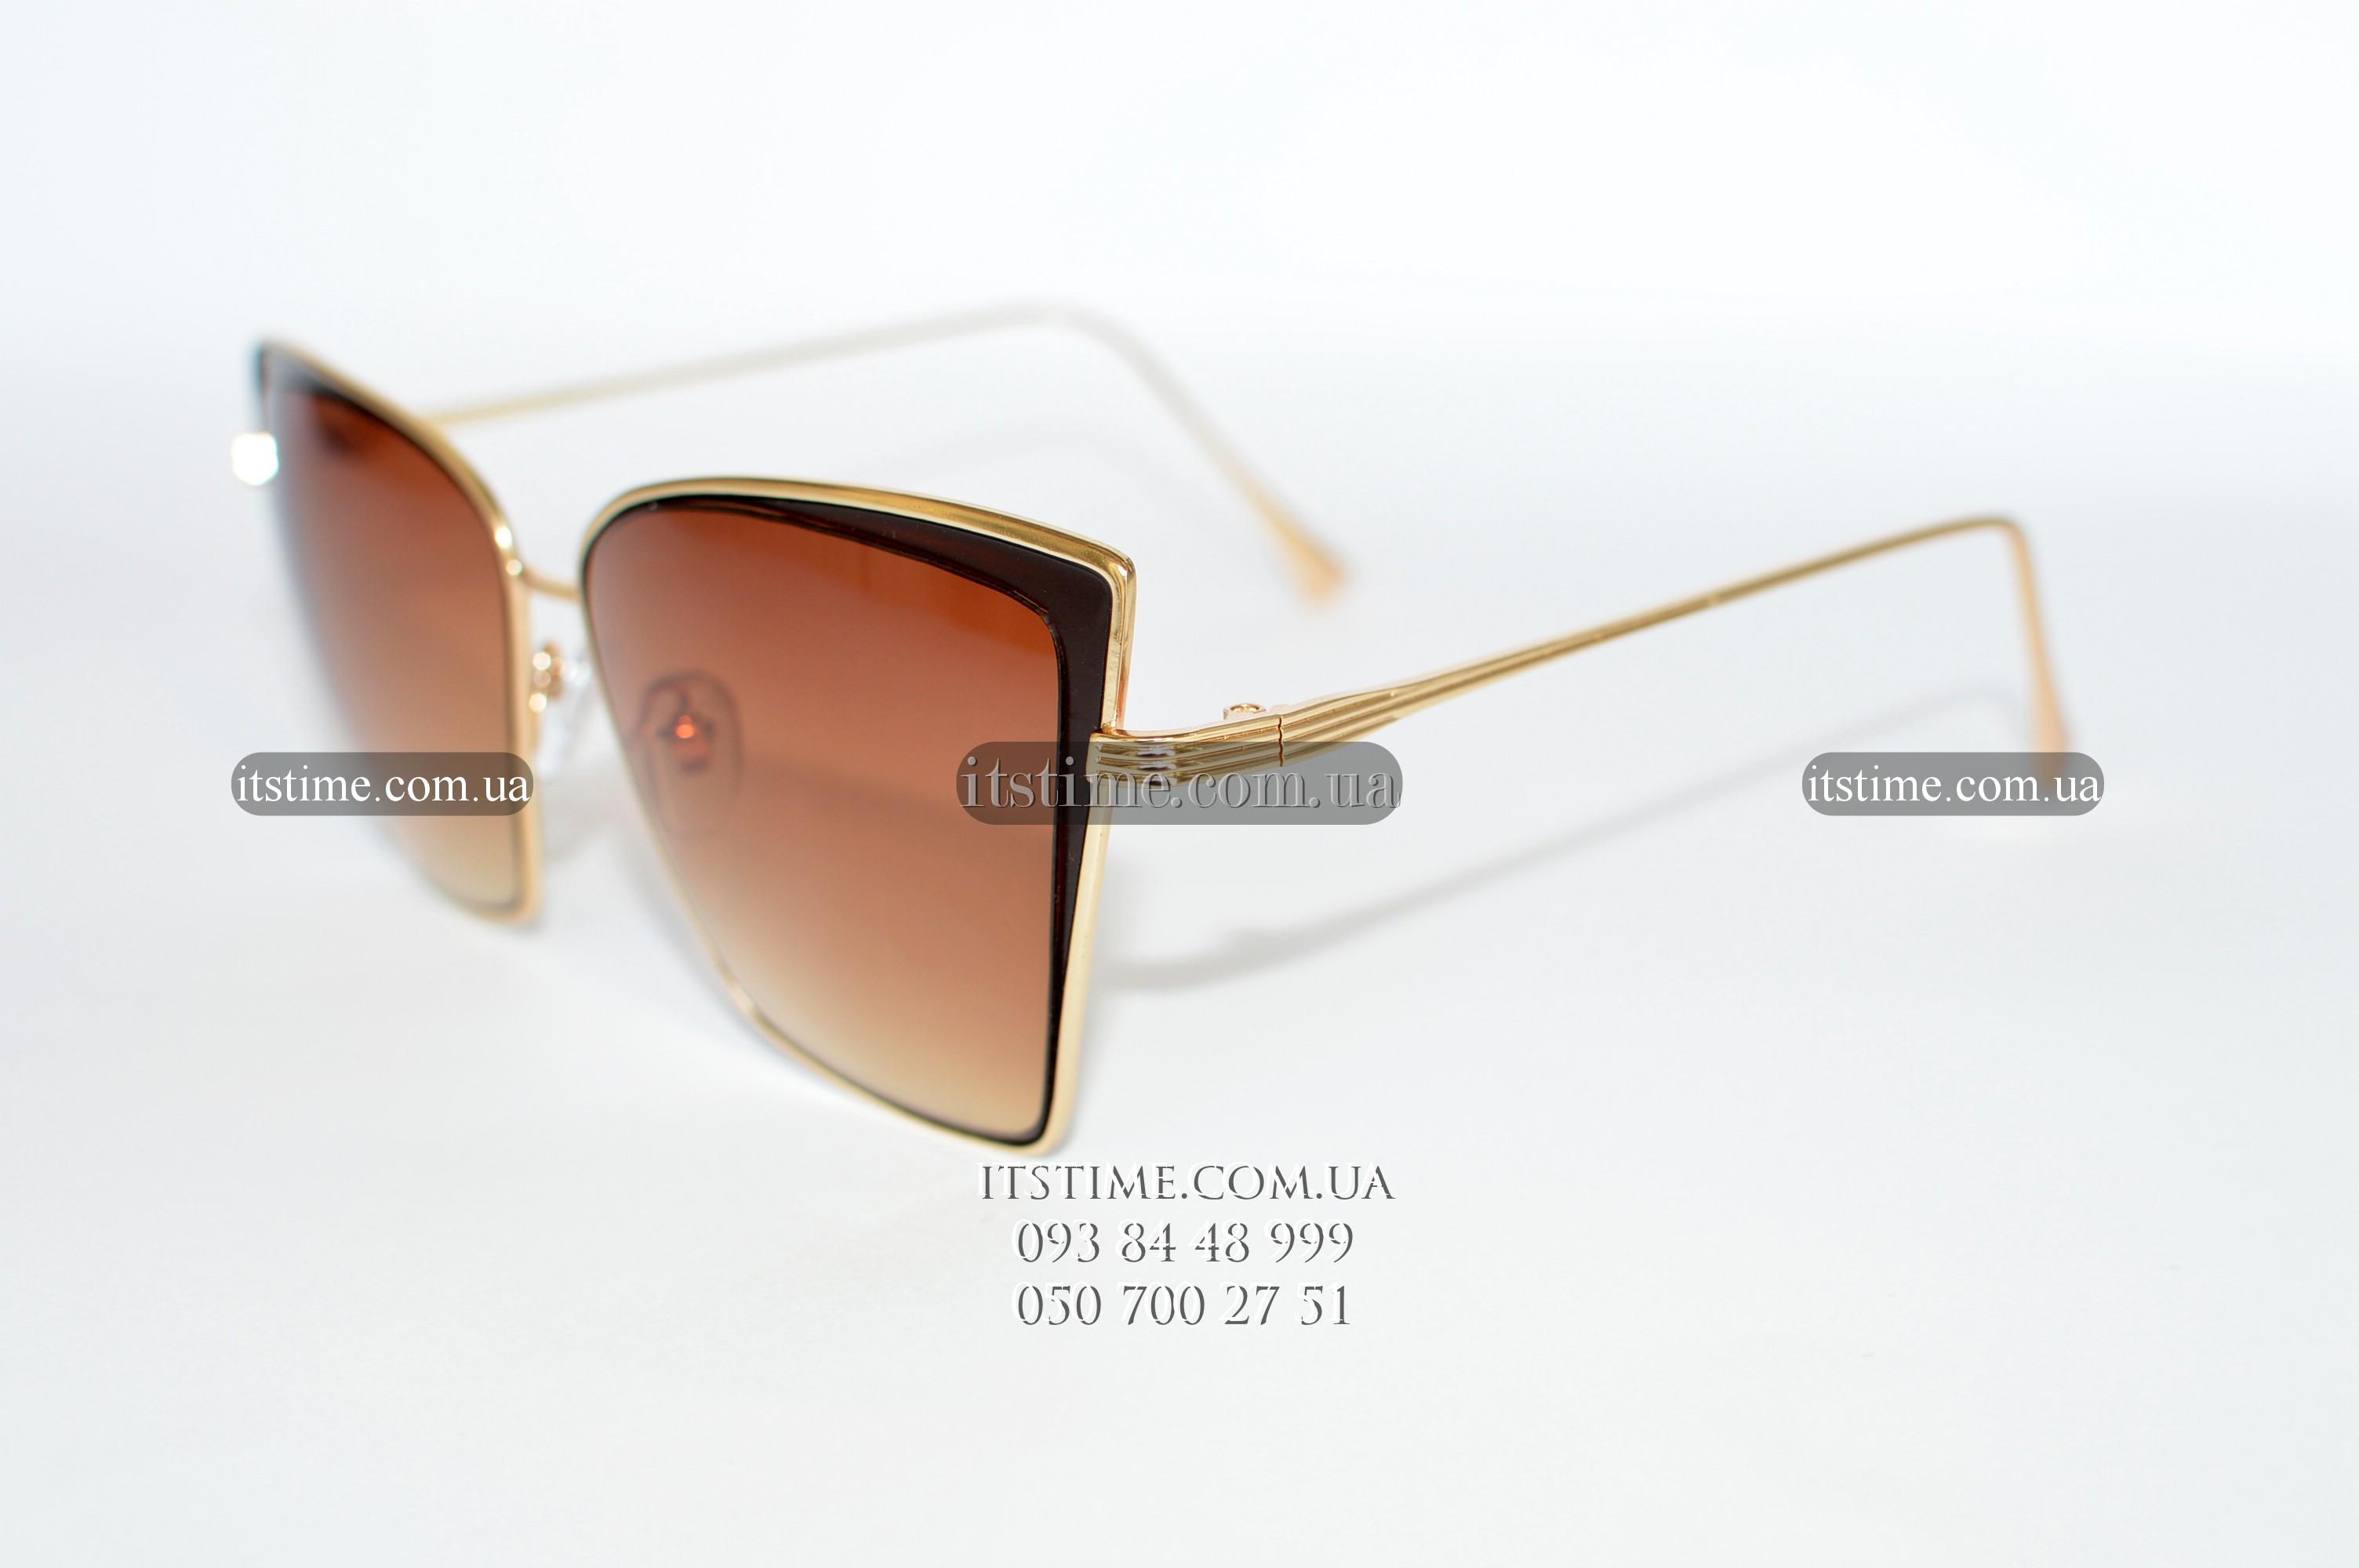 Детские очки от солнца купить в москве